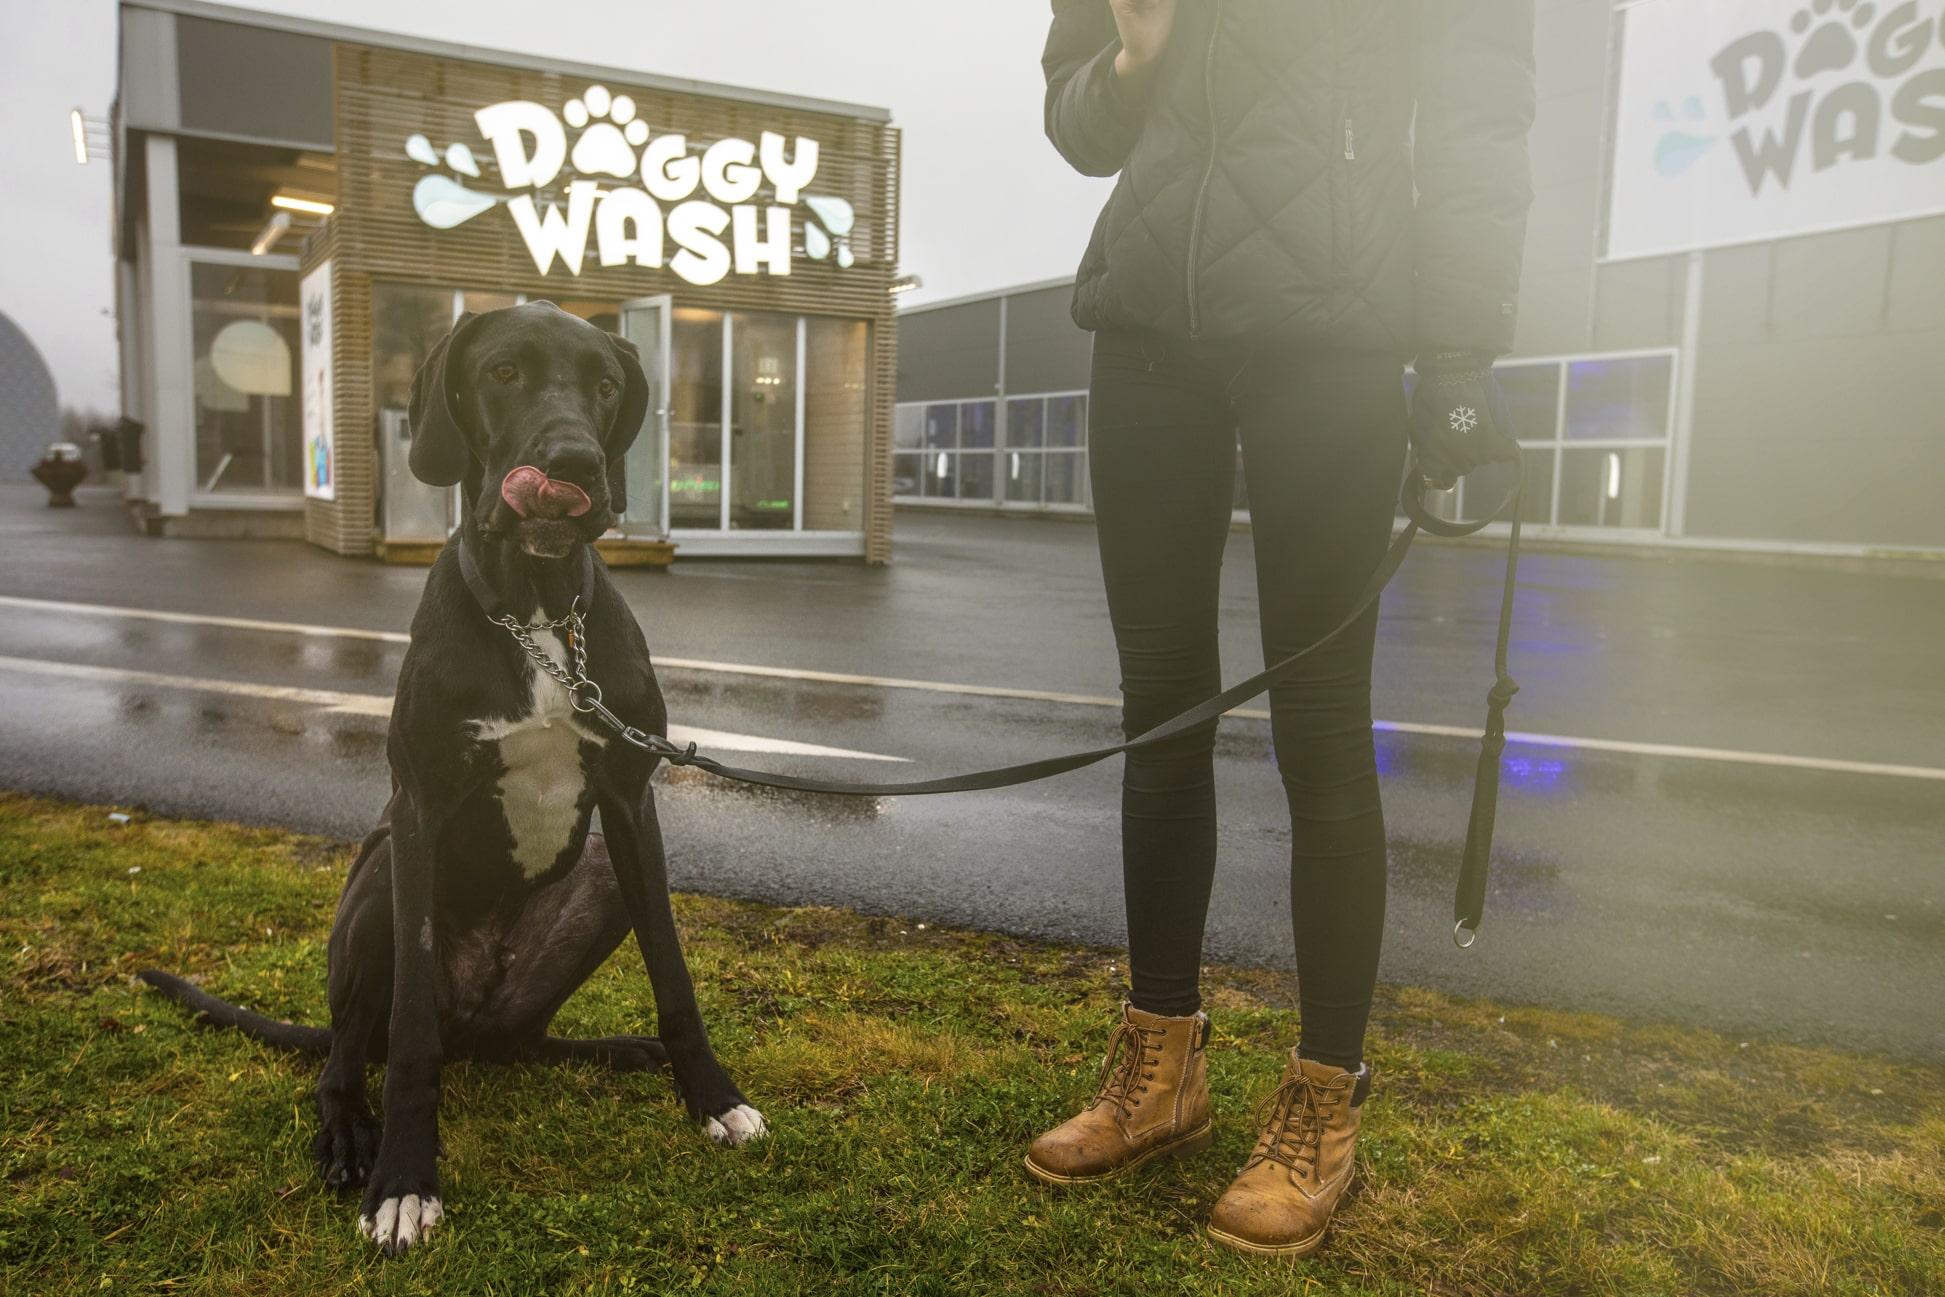 Doggy Wash